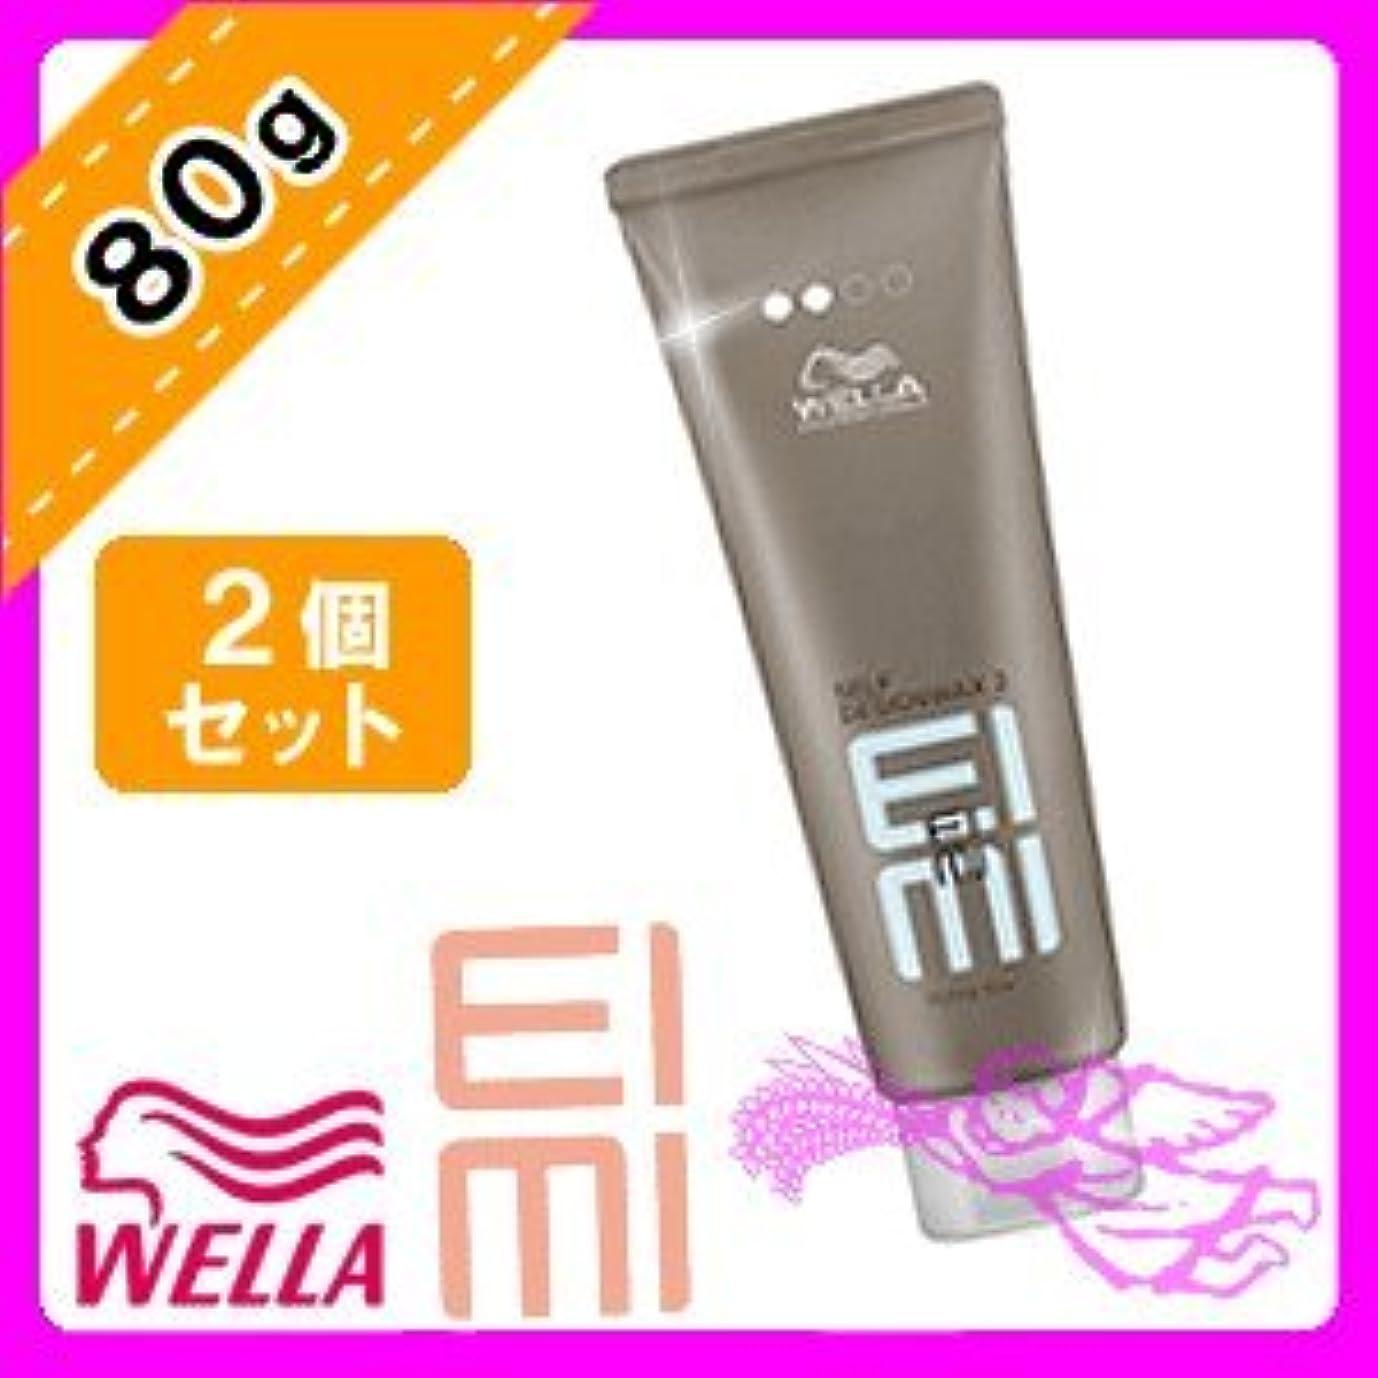 処方する探検抹消ウエラ EIMI(アイミィ) セルフデザインワックス2 80g ×2個 セット WELLA P&G